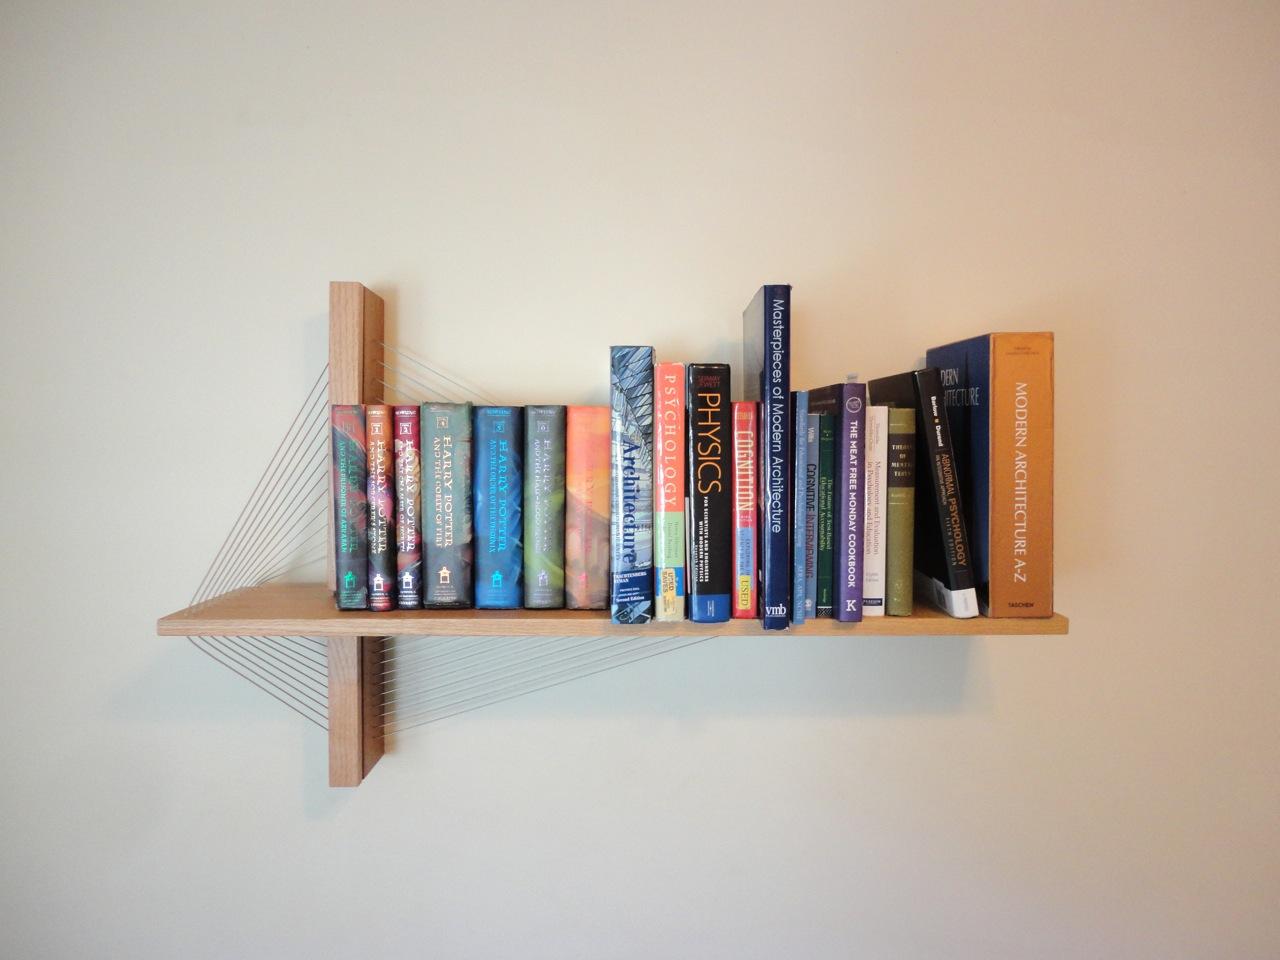 Books Shelf shelf for books - home design